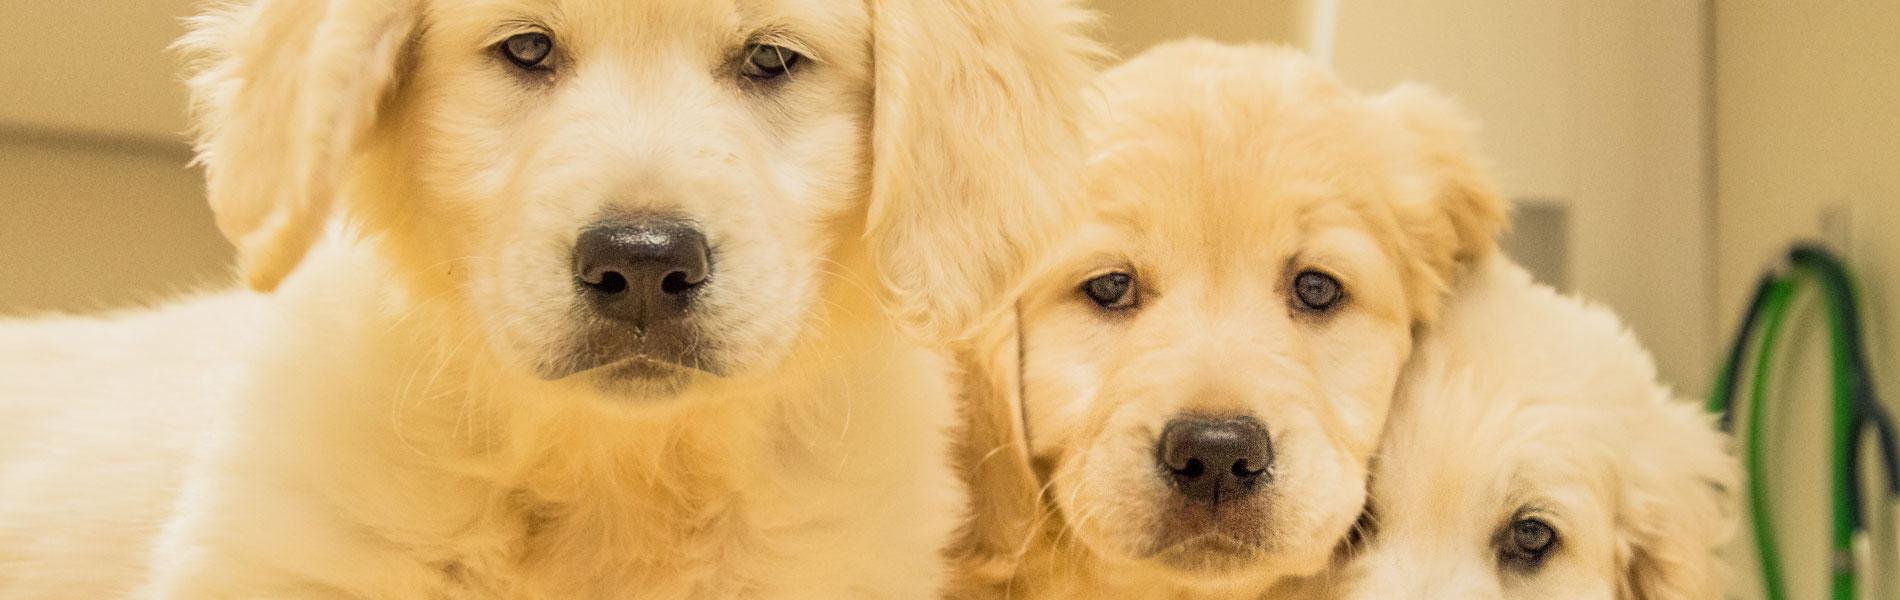 Consultatiebureau voor pups